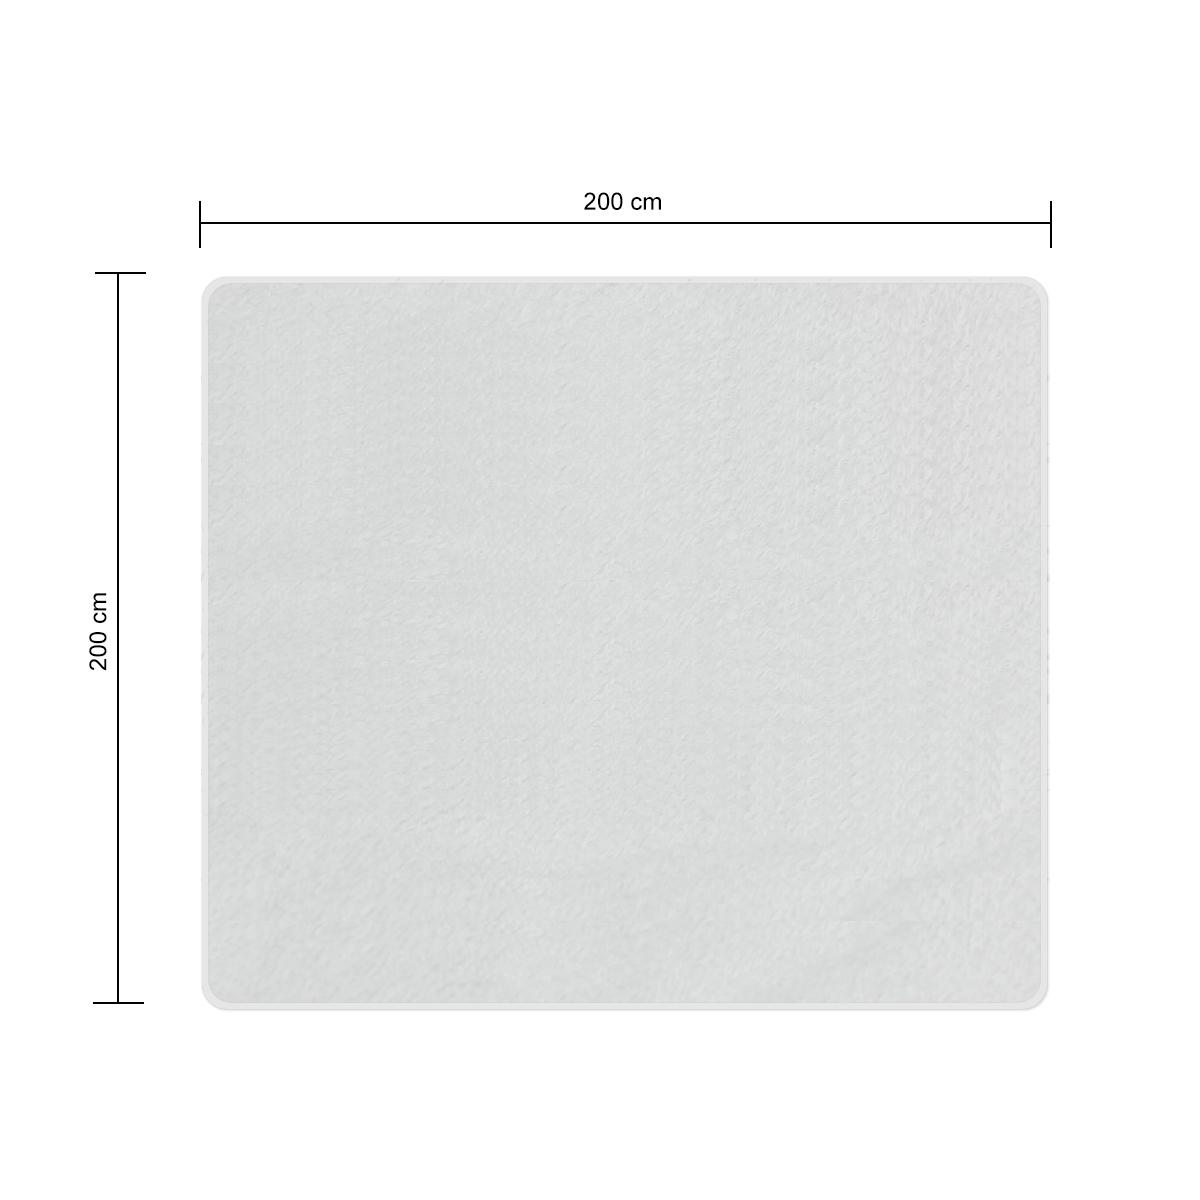 Matratzenschoner matratzenschutz schutz bettbezug for Housse matelas protection